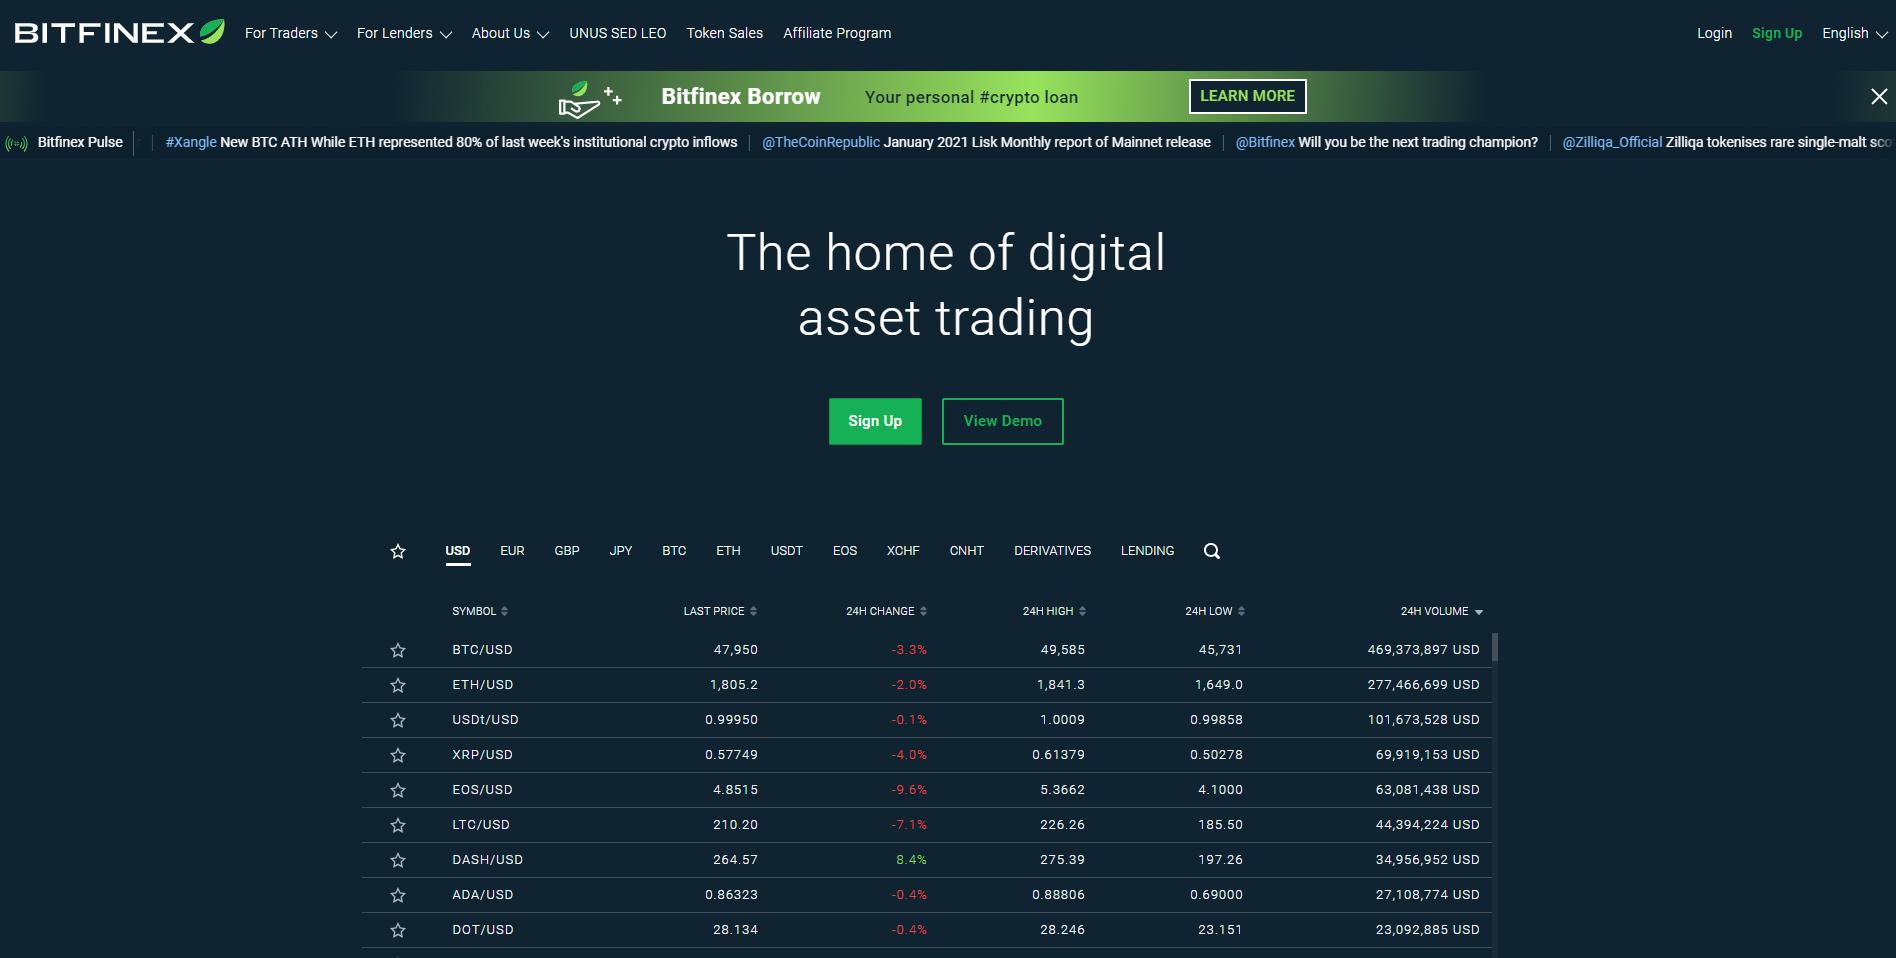 Bitfinex cryptocurrency exchange